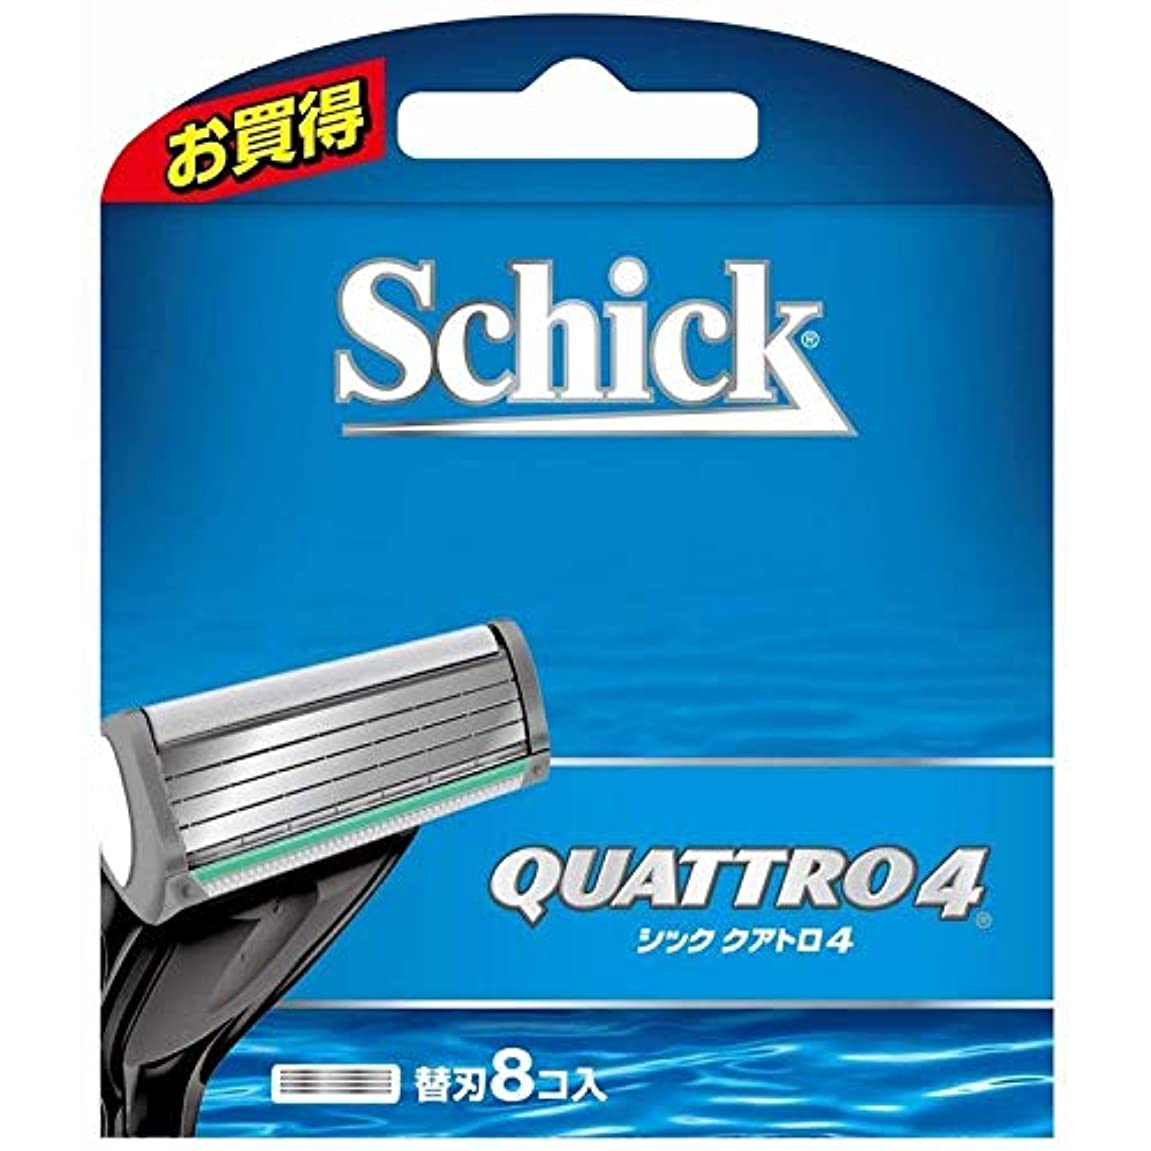 範囲言い直す倫理シック クアトロ4 替刃 (8コ入) 男性用カミソリ 2個セット